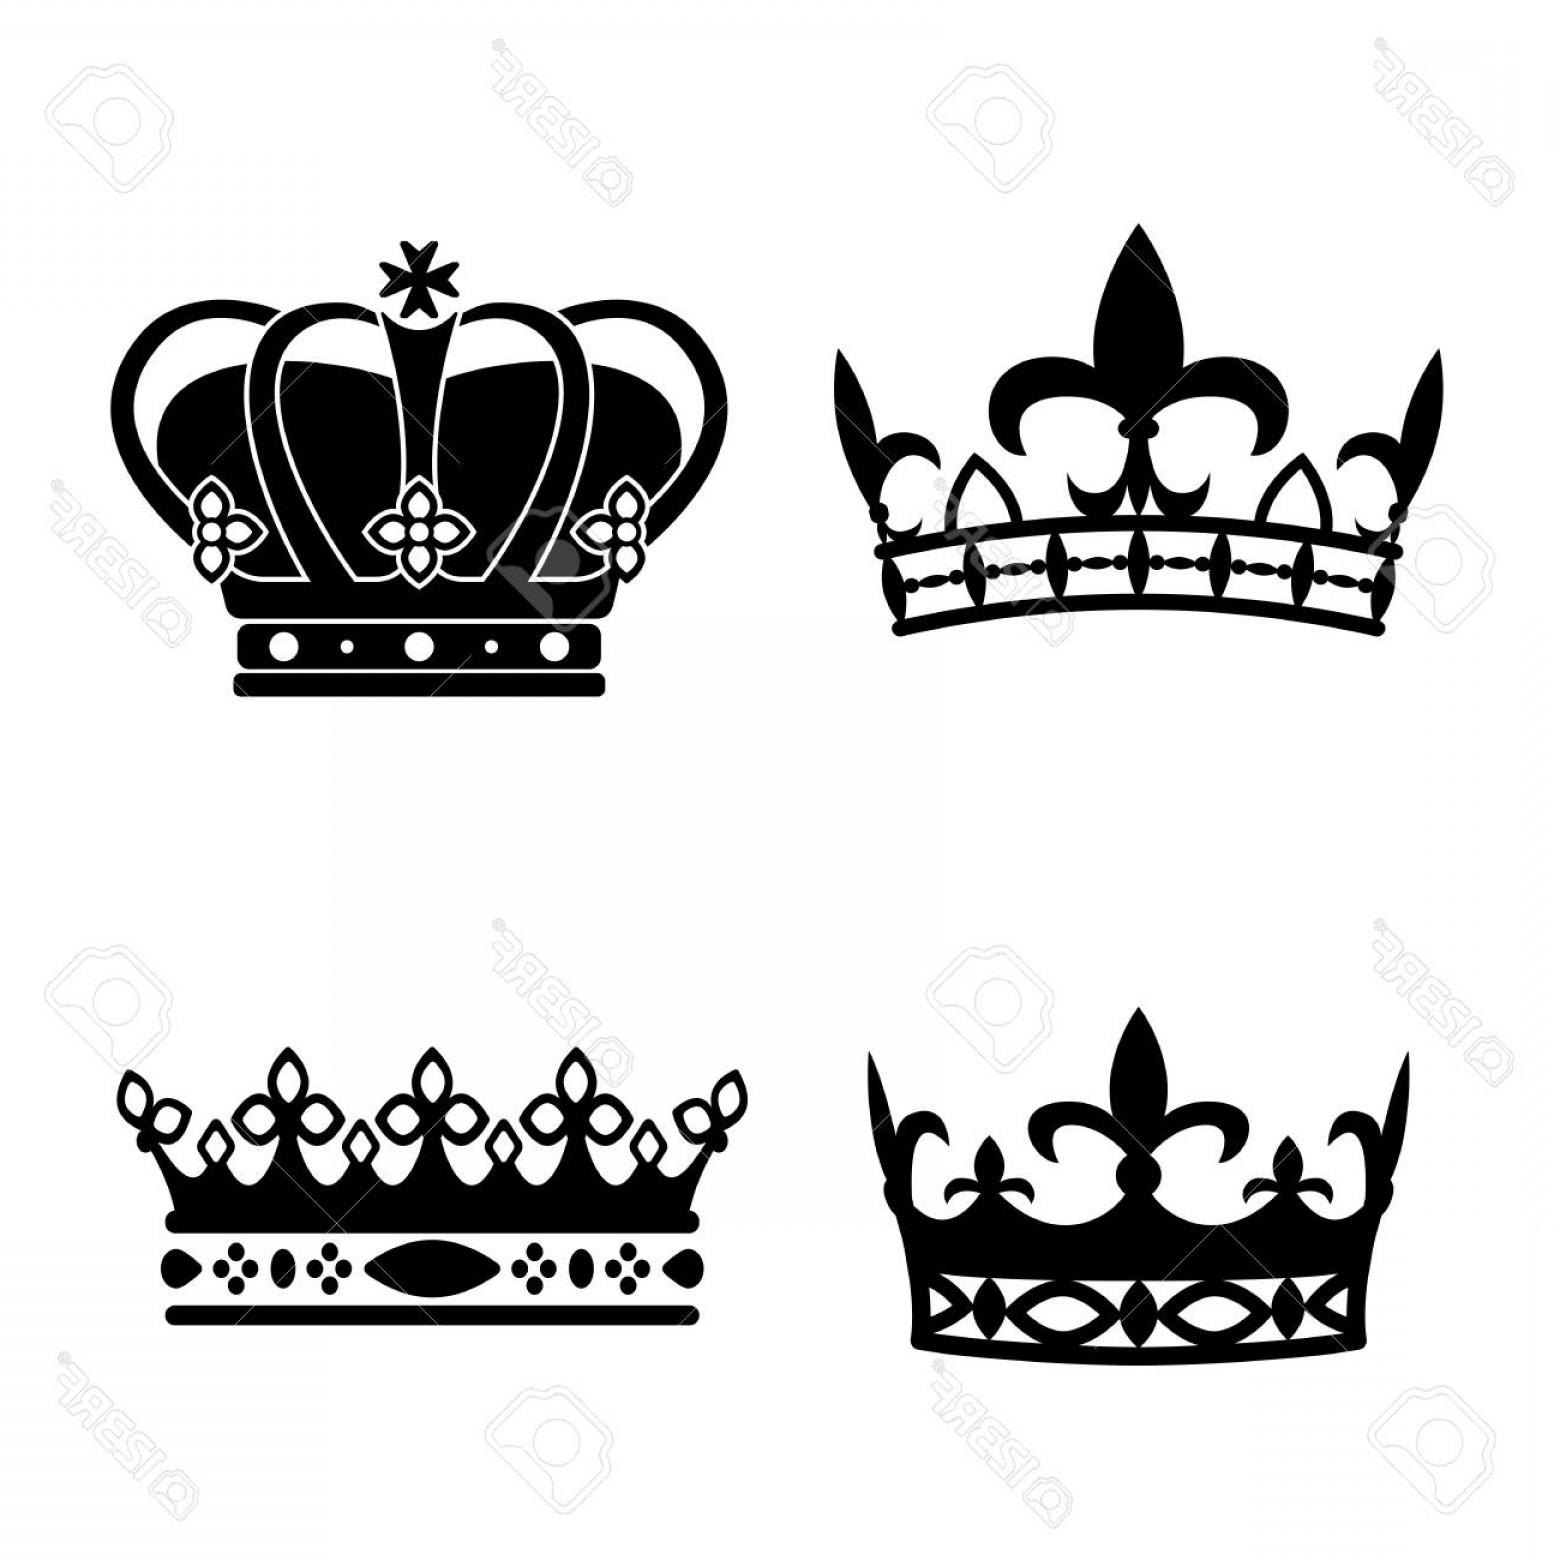 Crowns Tiaras Clipart Vector.